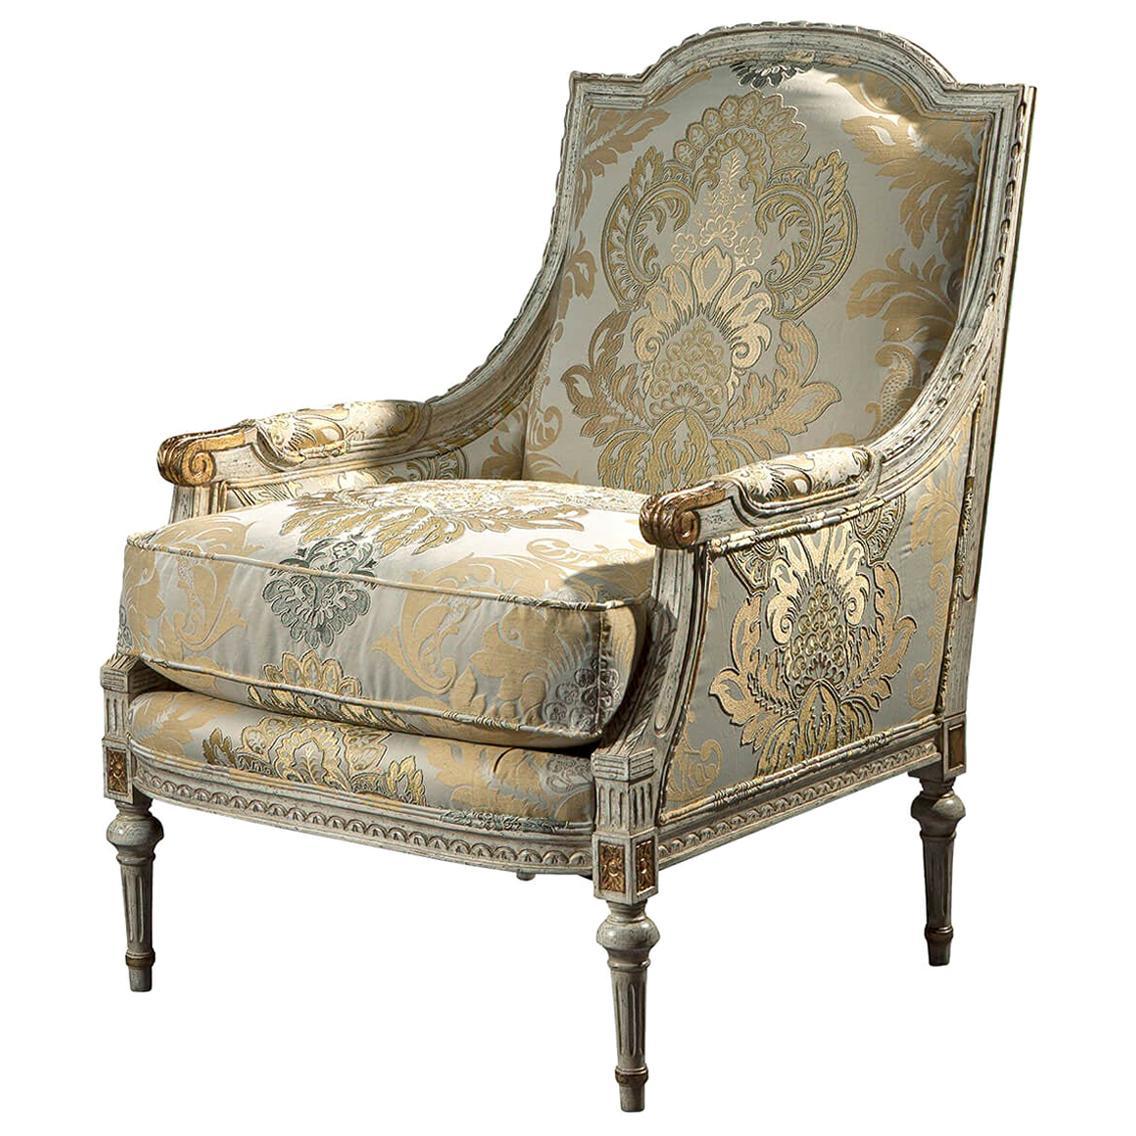 French Louis XVI Style Bergère